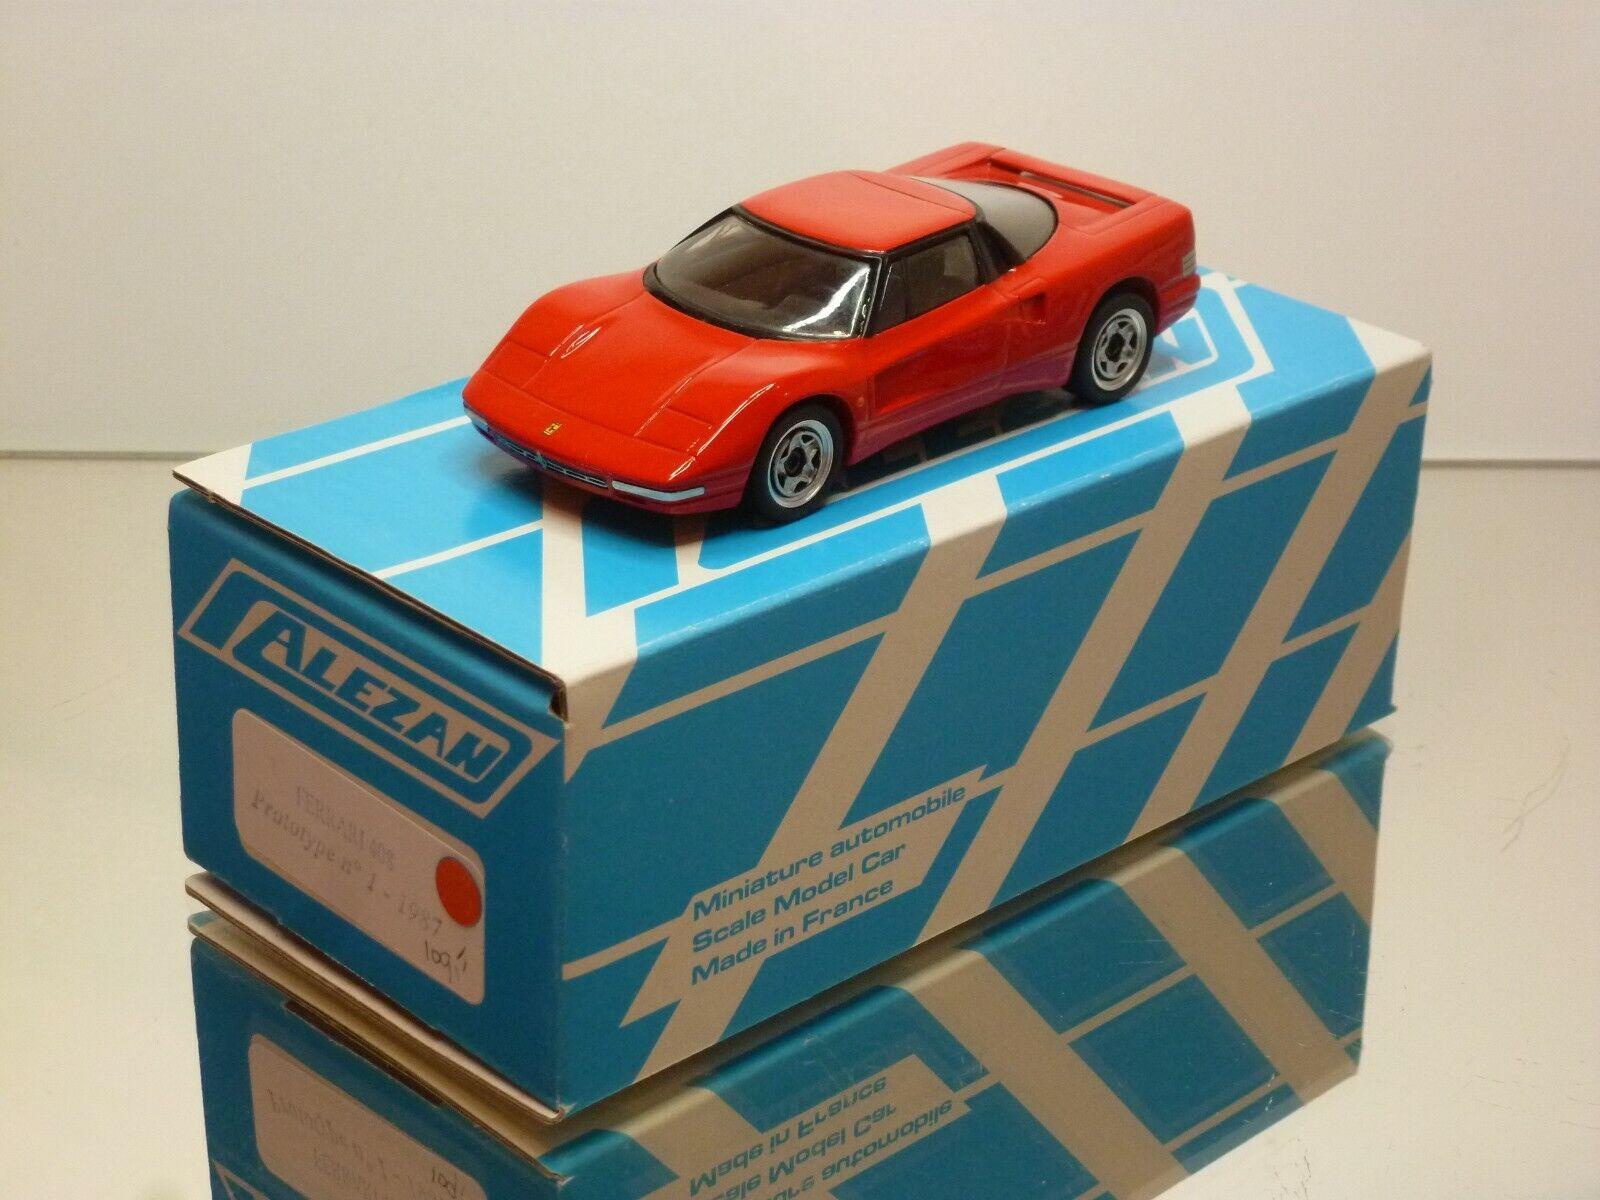 ALEZAN FERRARI 408 PredOTYPE No 1 - 1987 - RED 1 43 - EXCELENT CONDITION IN BOX